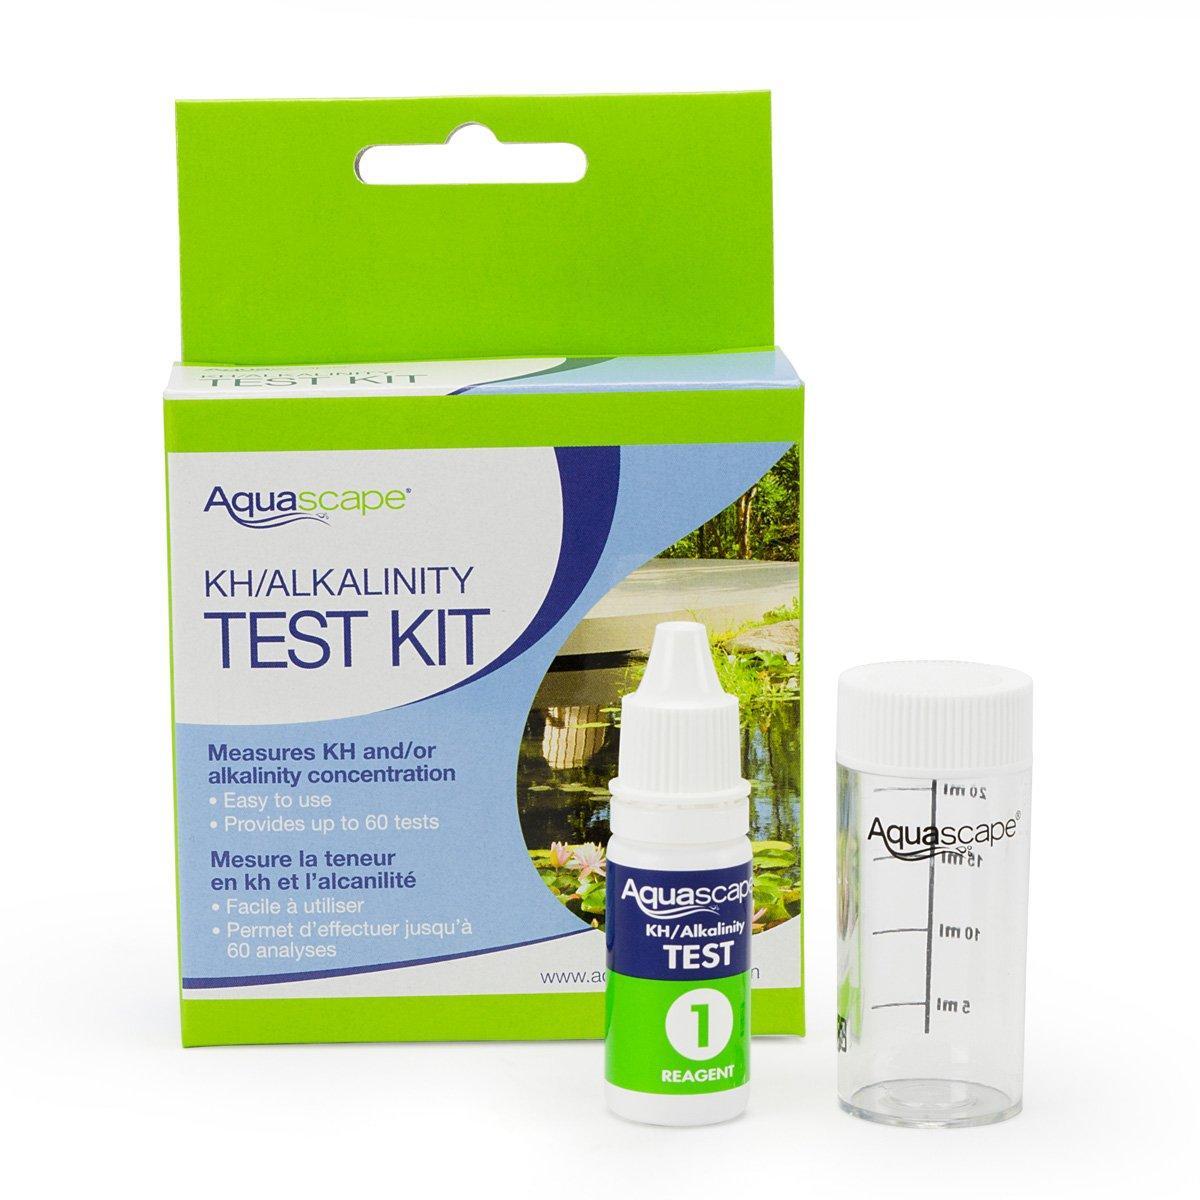 Aquascape 96019 Kit de prueba de agua Kh alcalinidad para estanque y jardín características, 60 pruebas: Amazon.es: Jardín